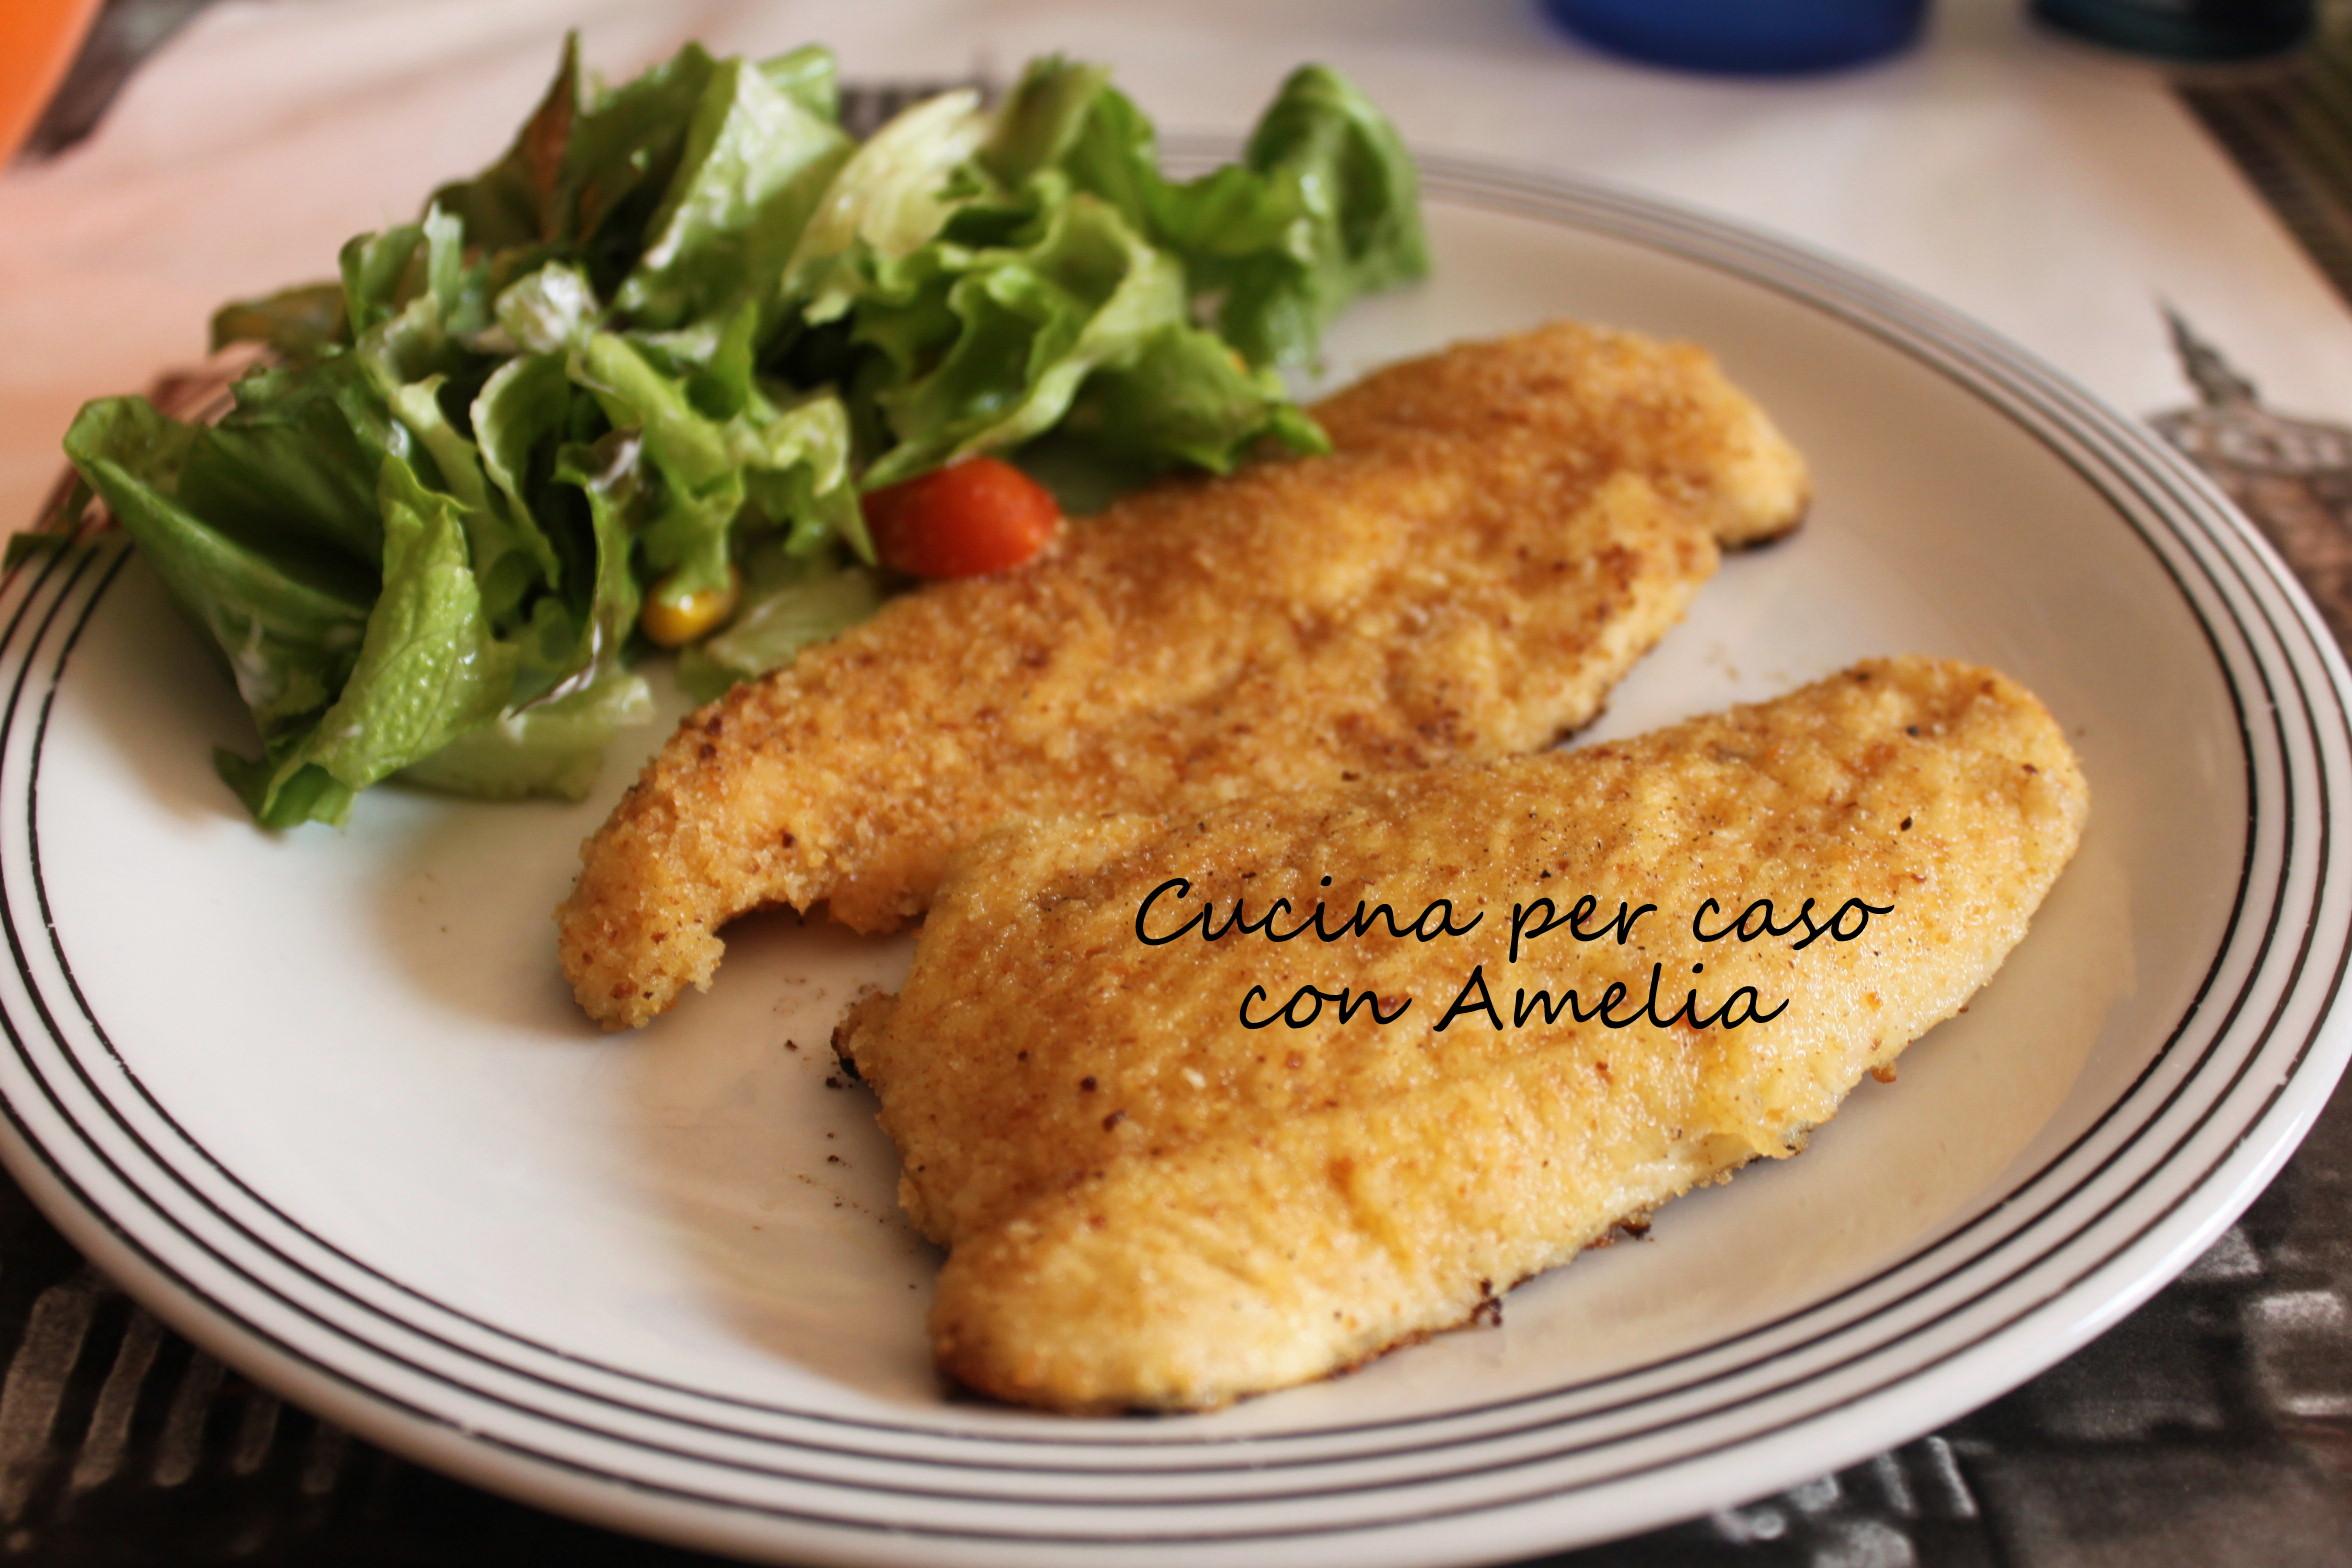 Cotoletta di pollo ricetta light cucina per caso con amelia